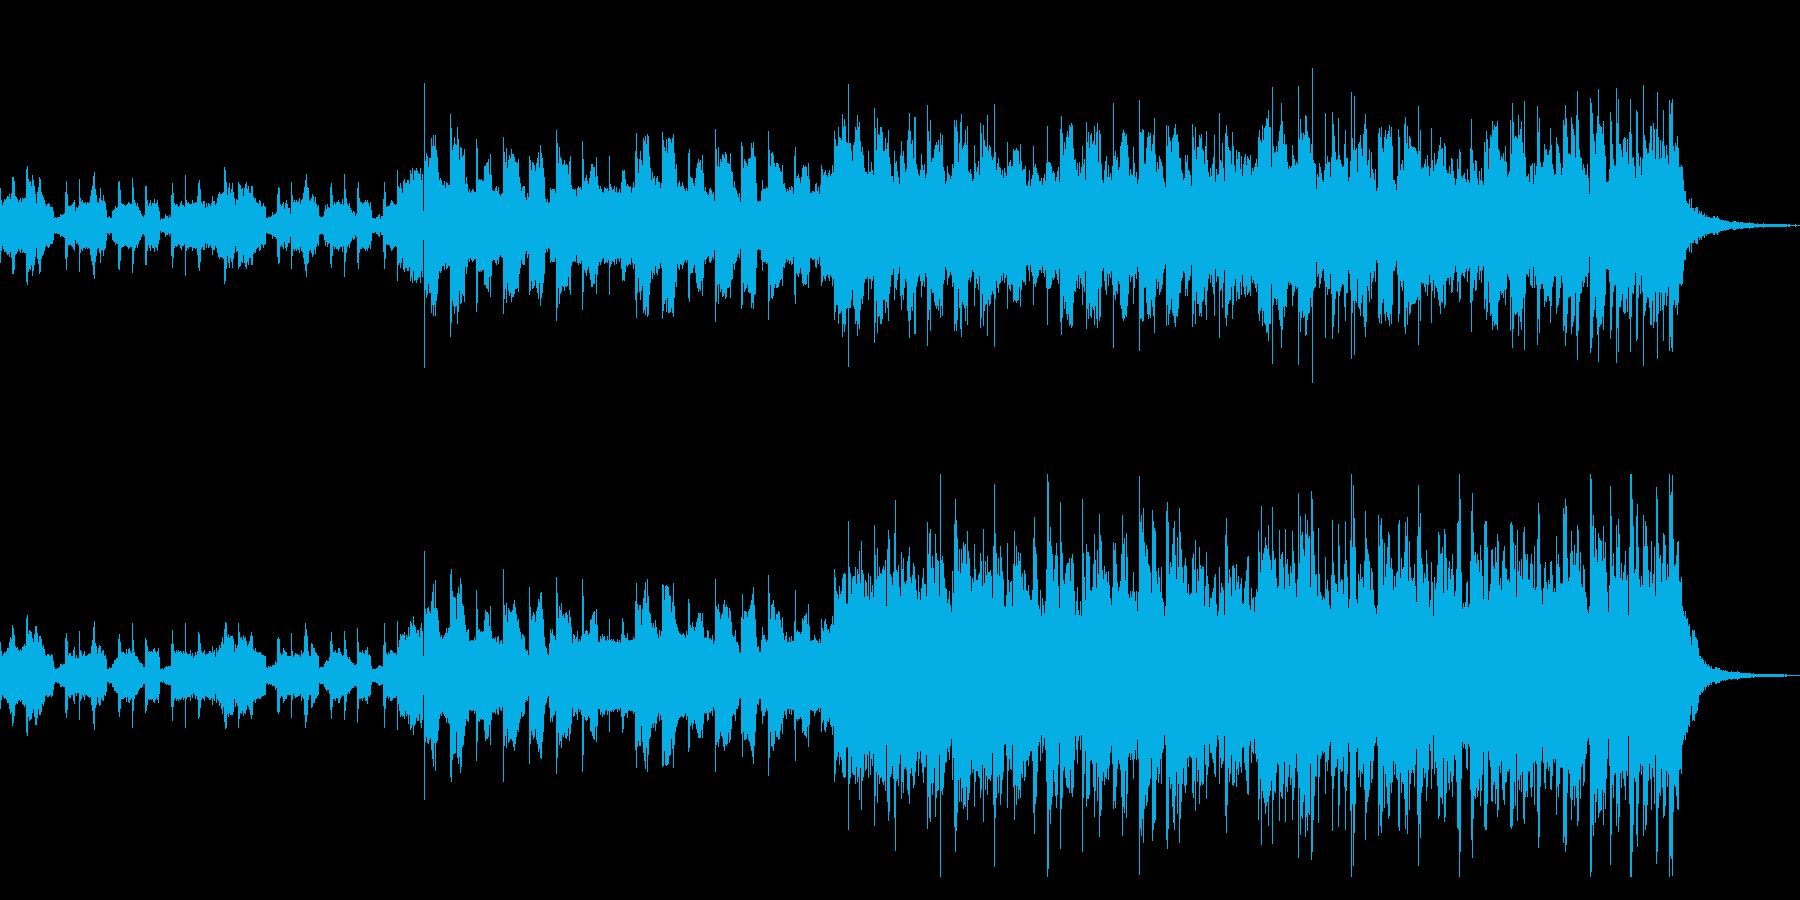 戦闘シーンなどに使えるカッコイイピアノの再生済みの波形